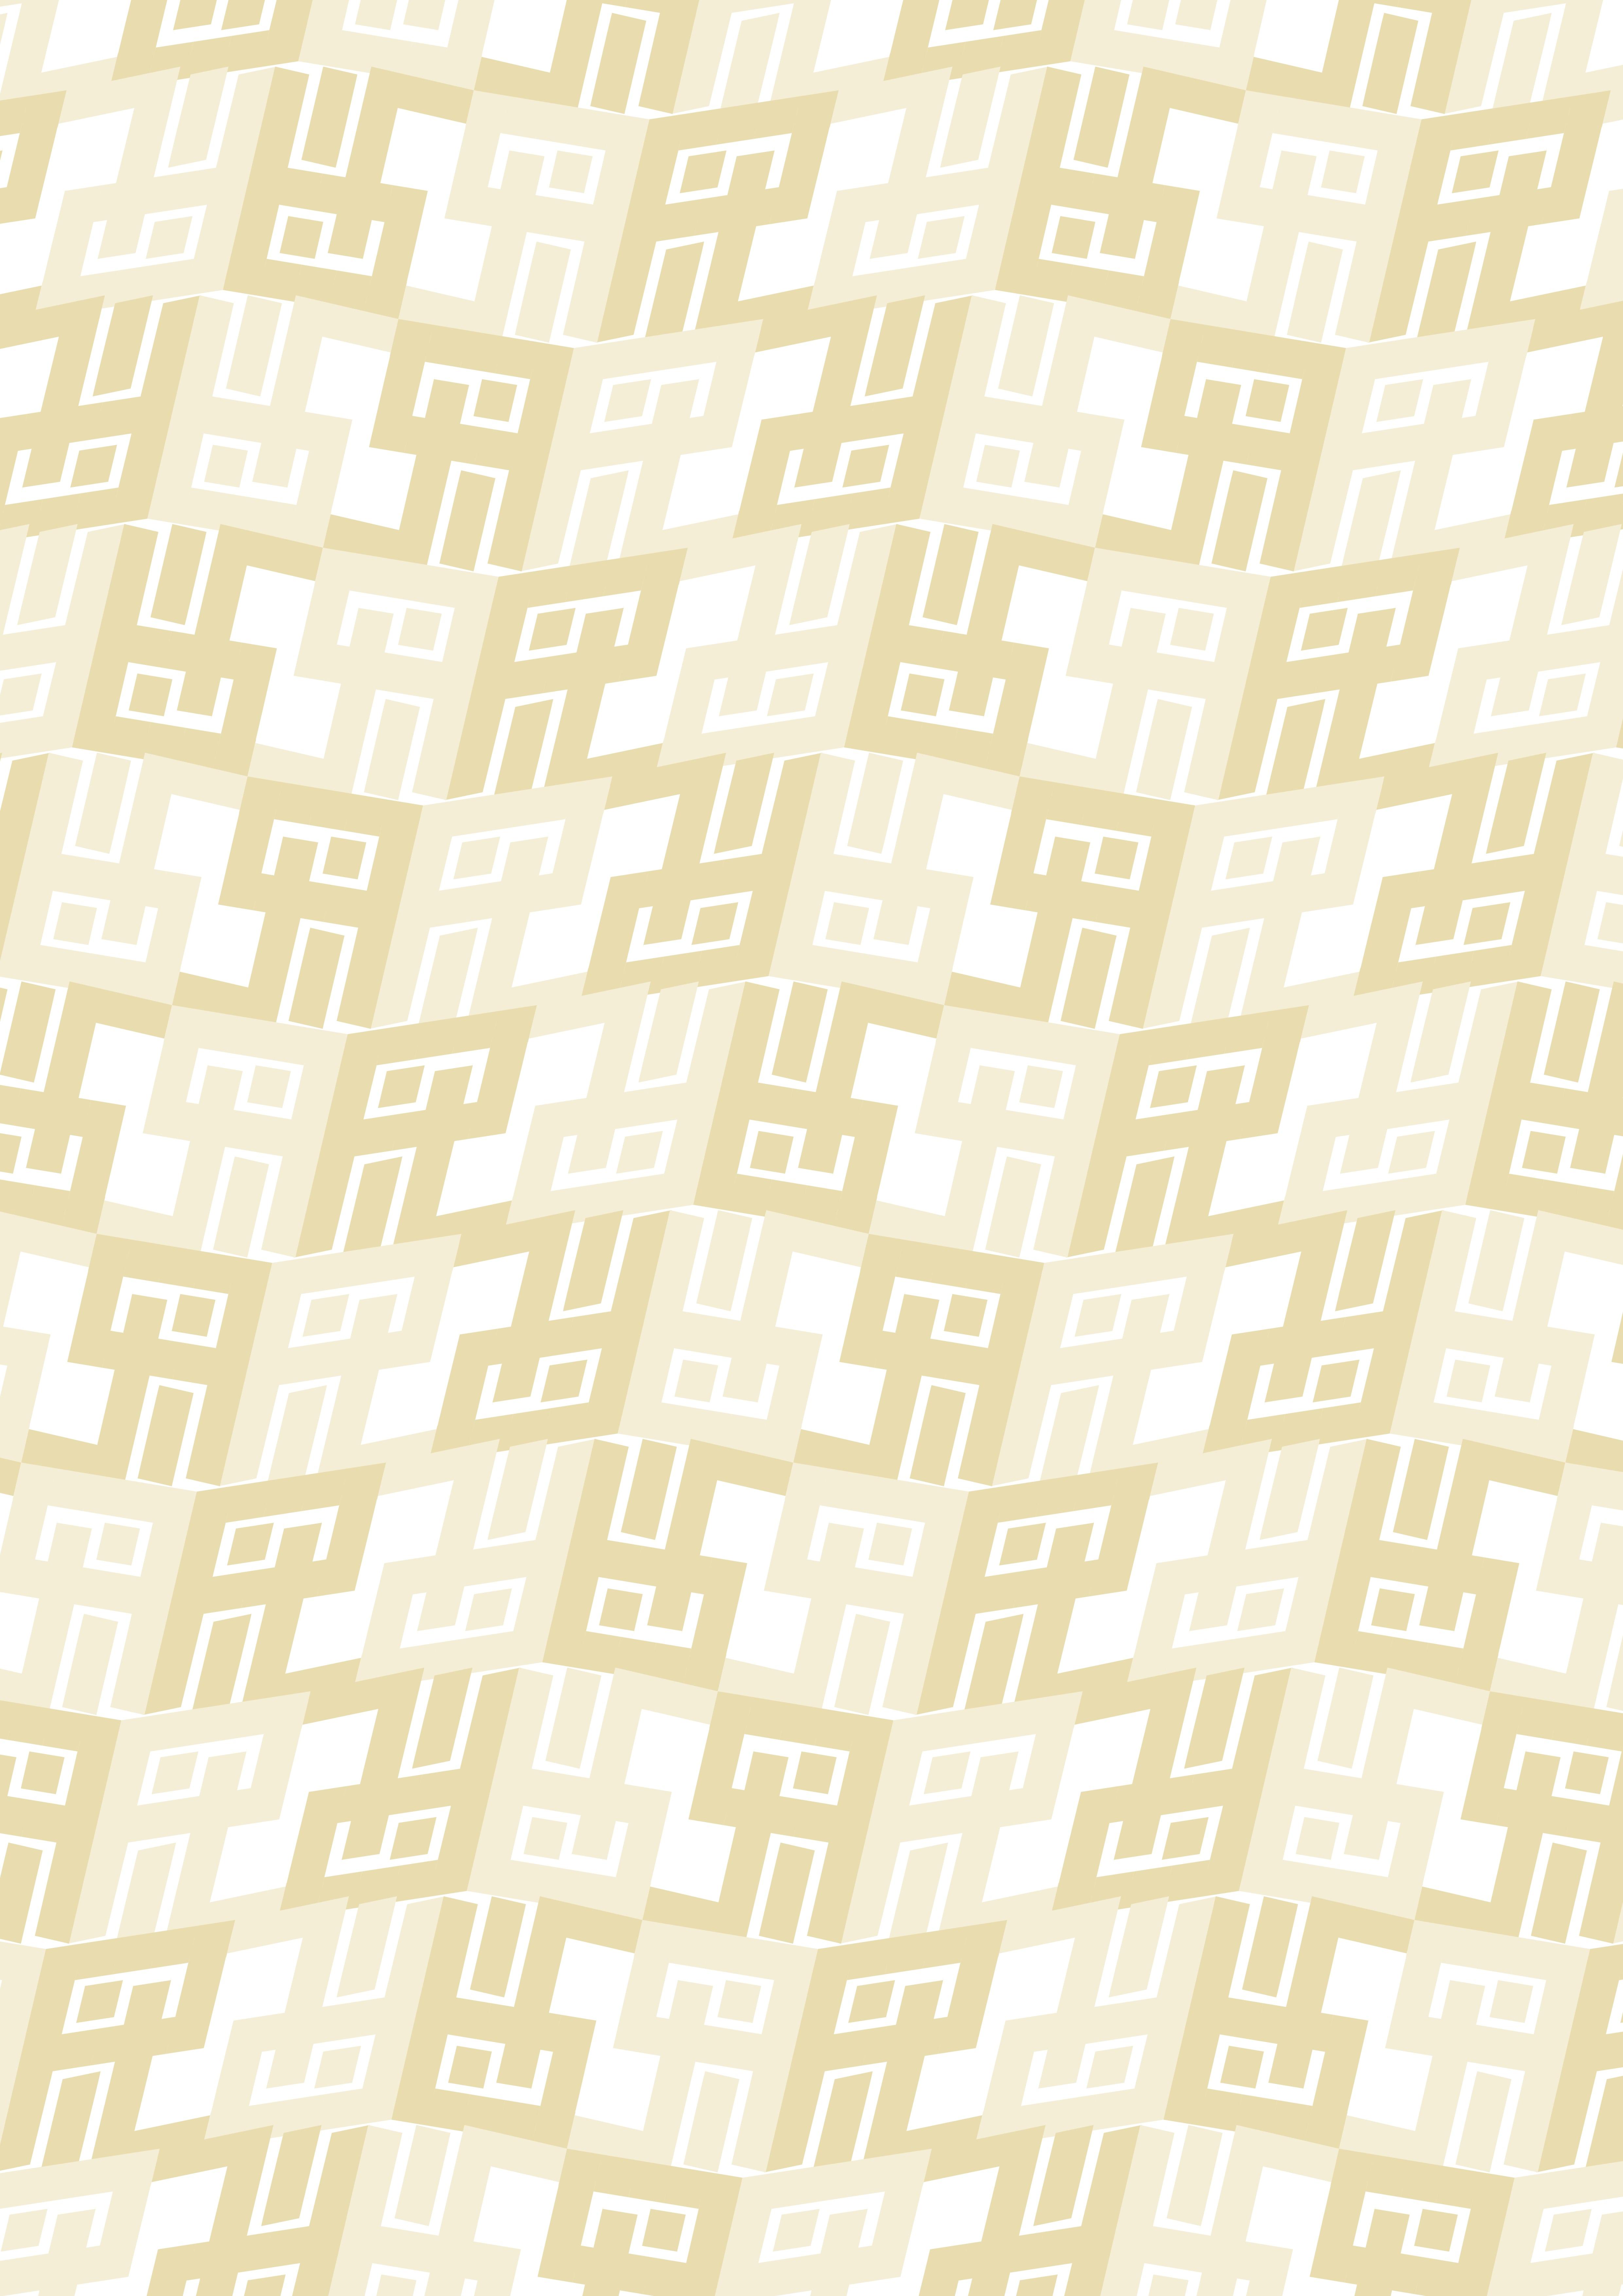 Разработка пакета айдентики rosinfo.tech фото f_1435e2019d3e542c.jpg